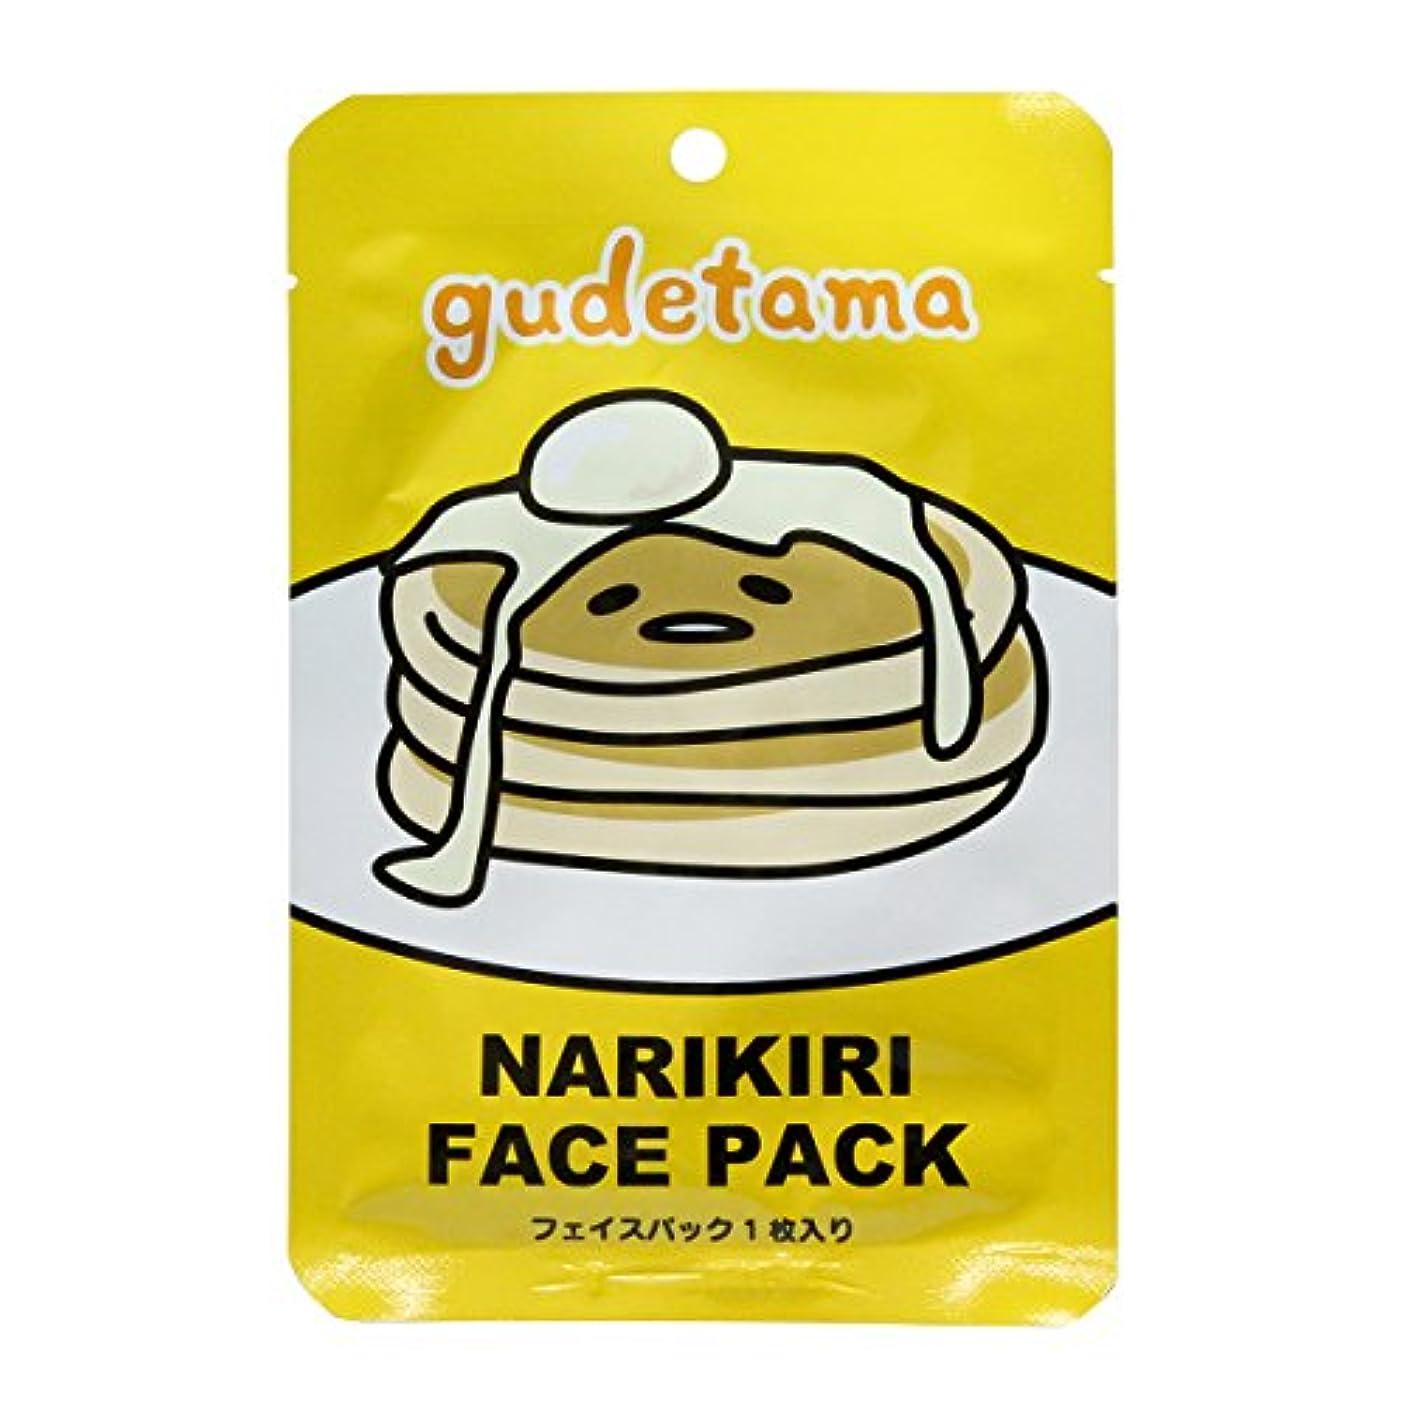 ありふれたお別れ講義ぐでたま なりきりフェイスパック パンケーキ バニラの香り (20mL × 1枚入)